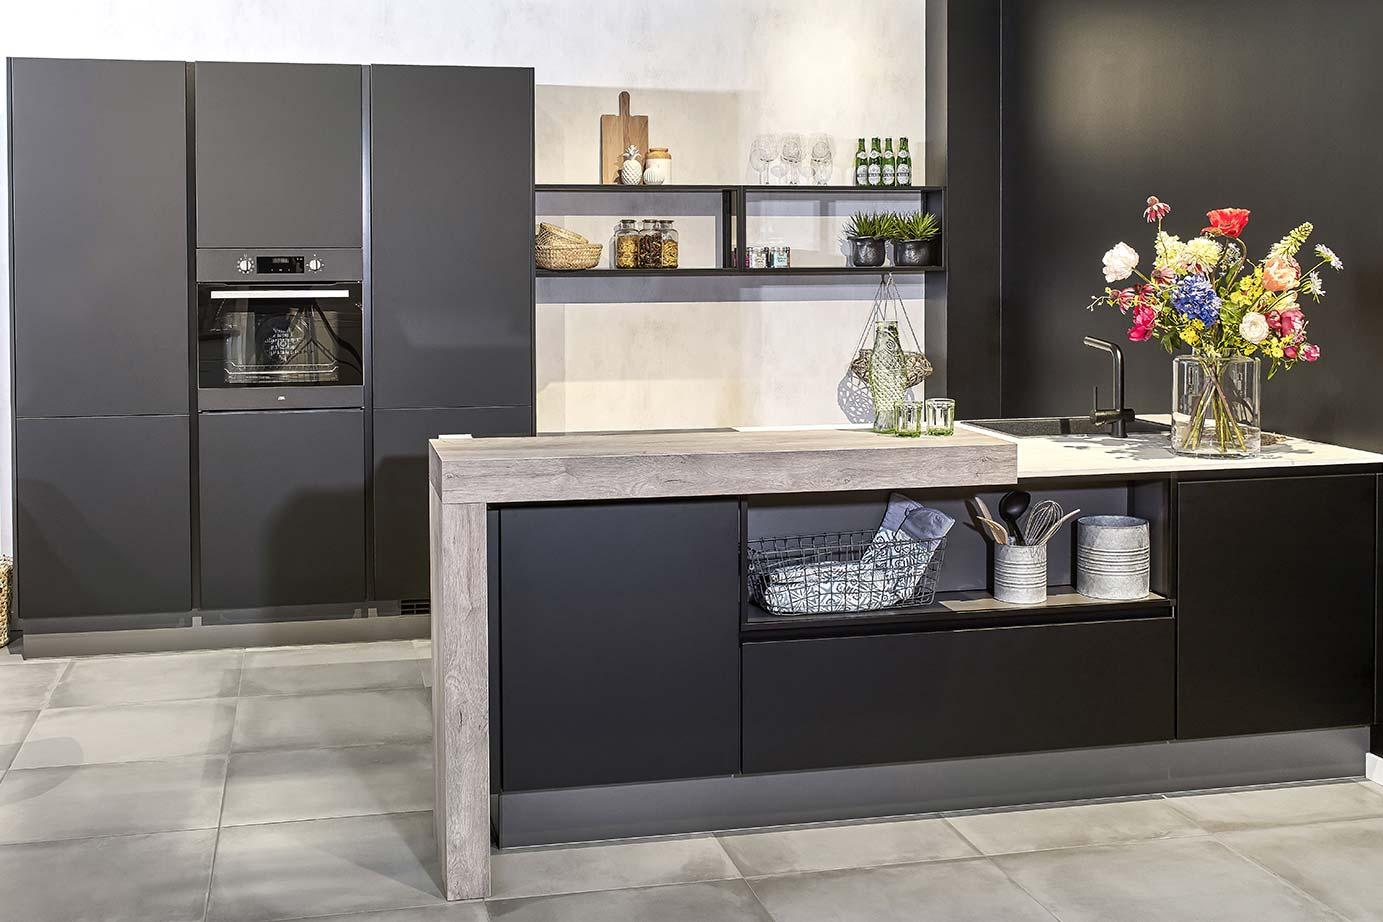 Ultra Moderne Keukens : Zwarte keukens krijg inspiratie door vele voorbeelden db keukens